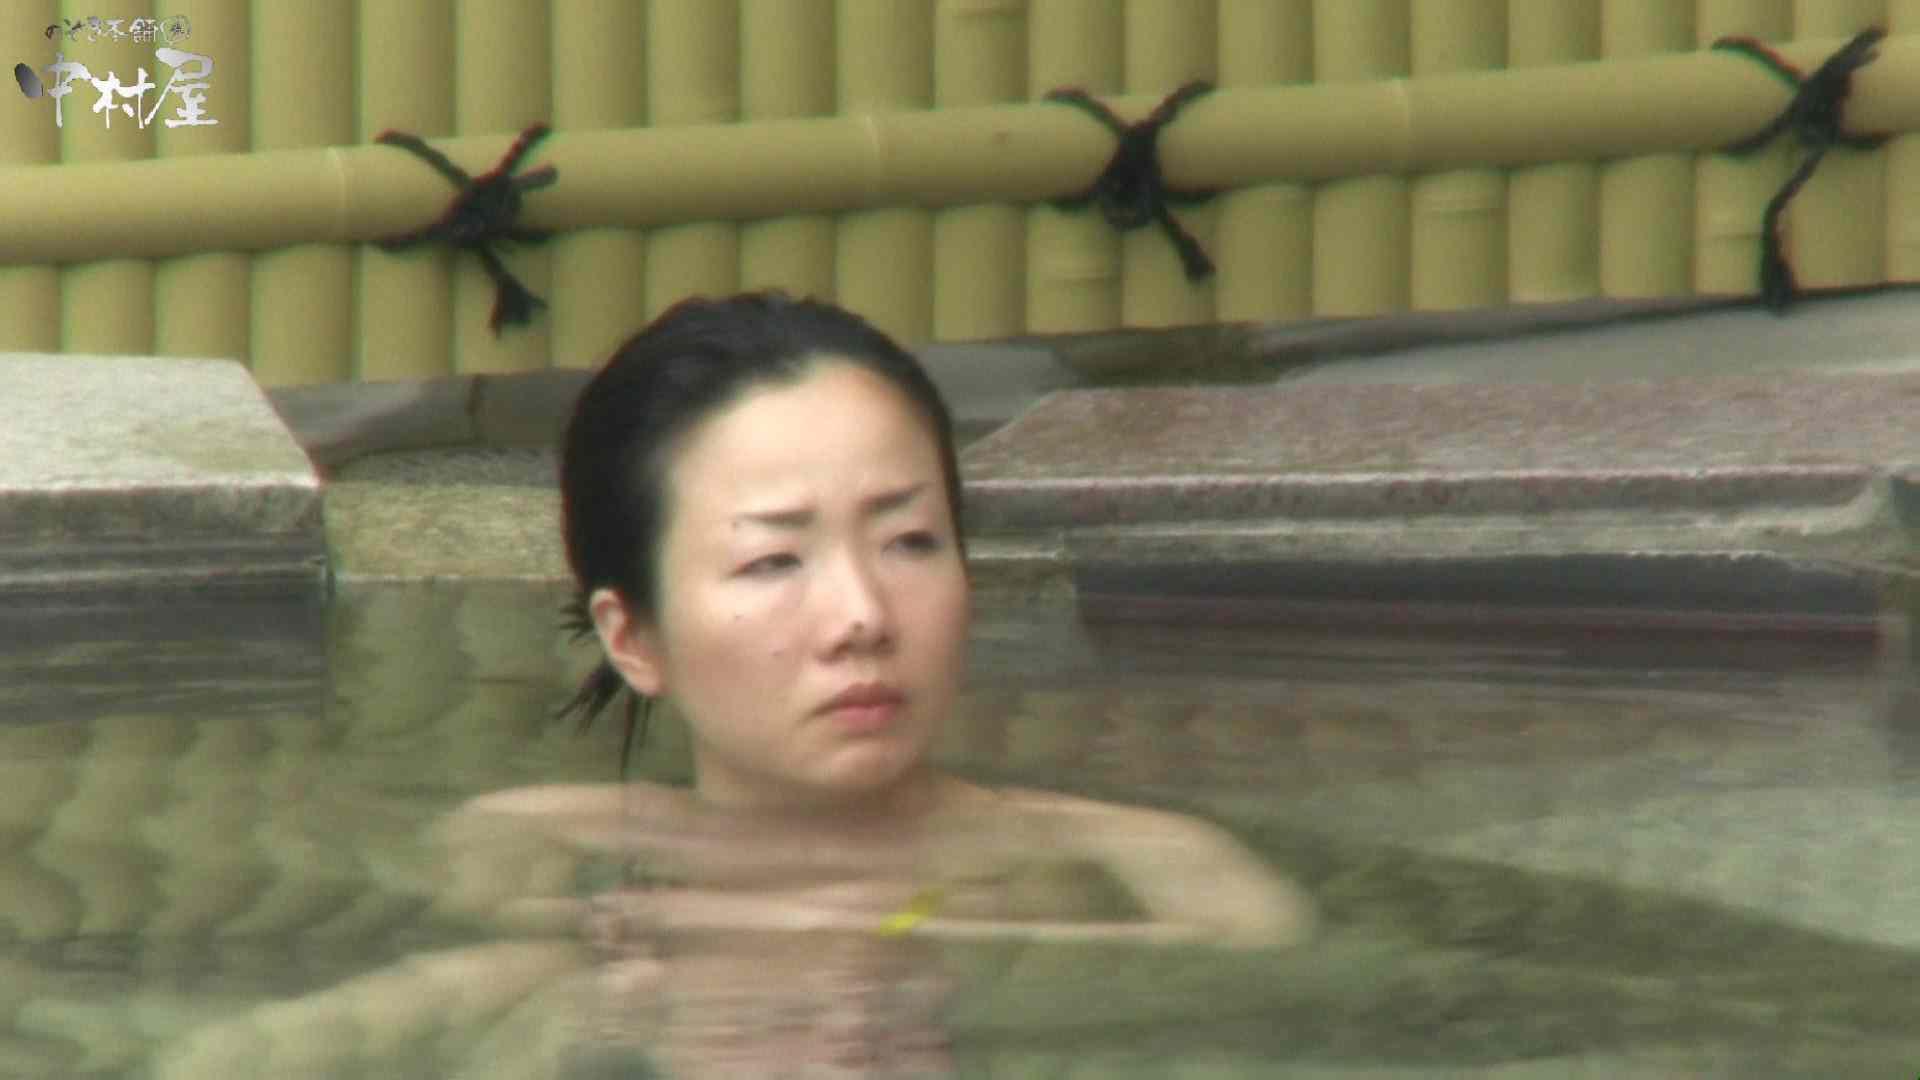 Aquaな露天風呂Vol.950 露天 | 盗撮  61画像 19